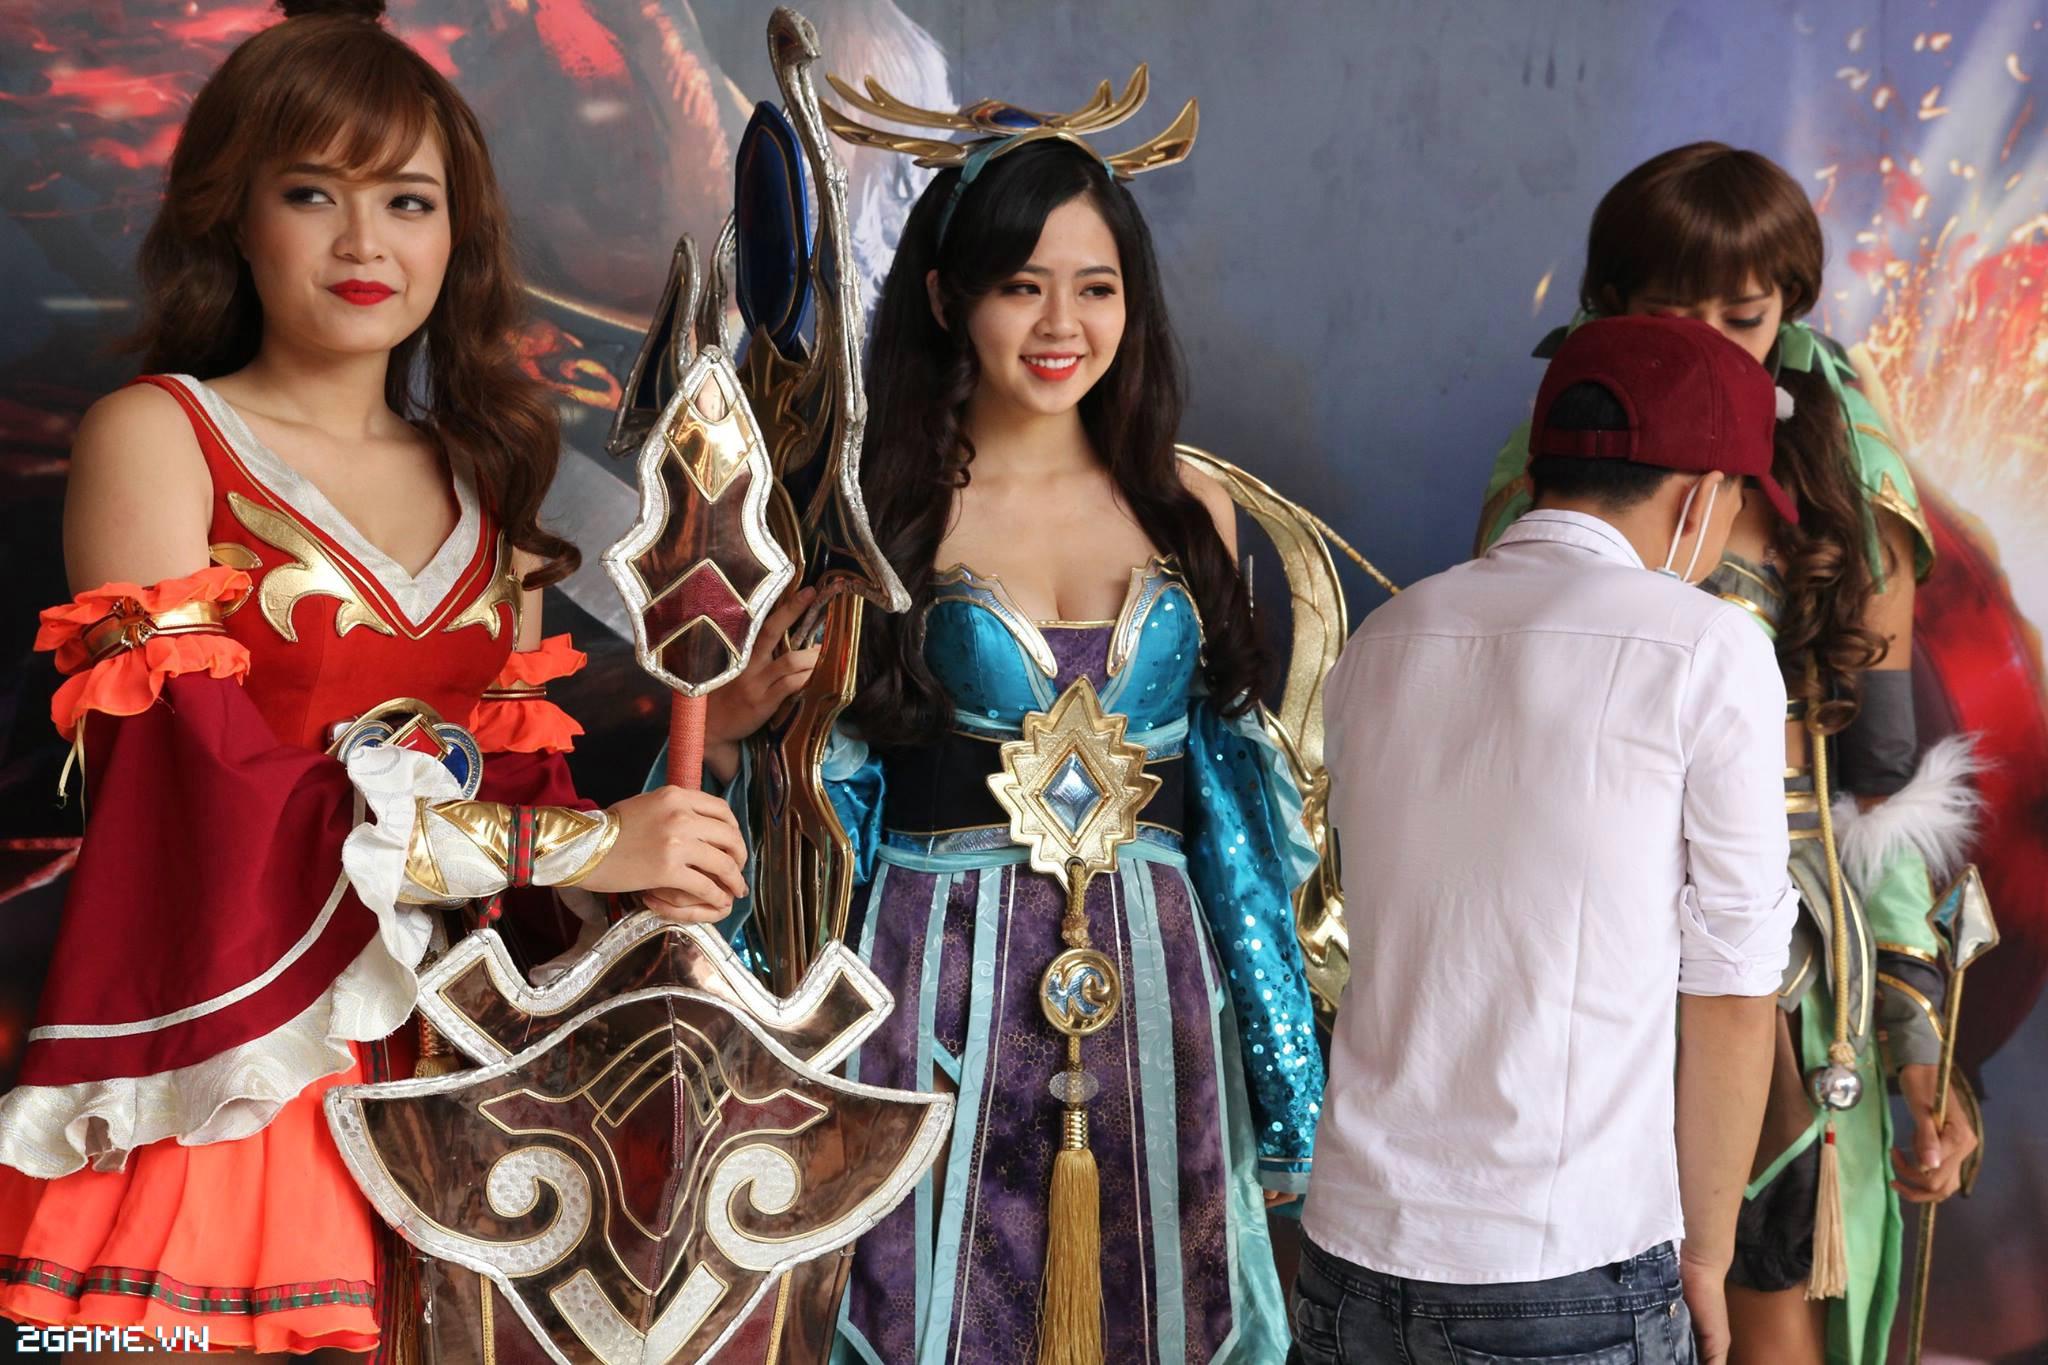 Điểm mặt các cosplay game xuất hiện tại Đại Hội 360mobi 2016 2